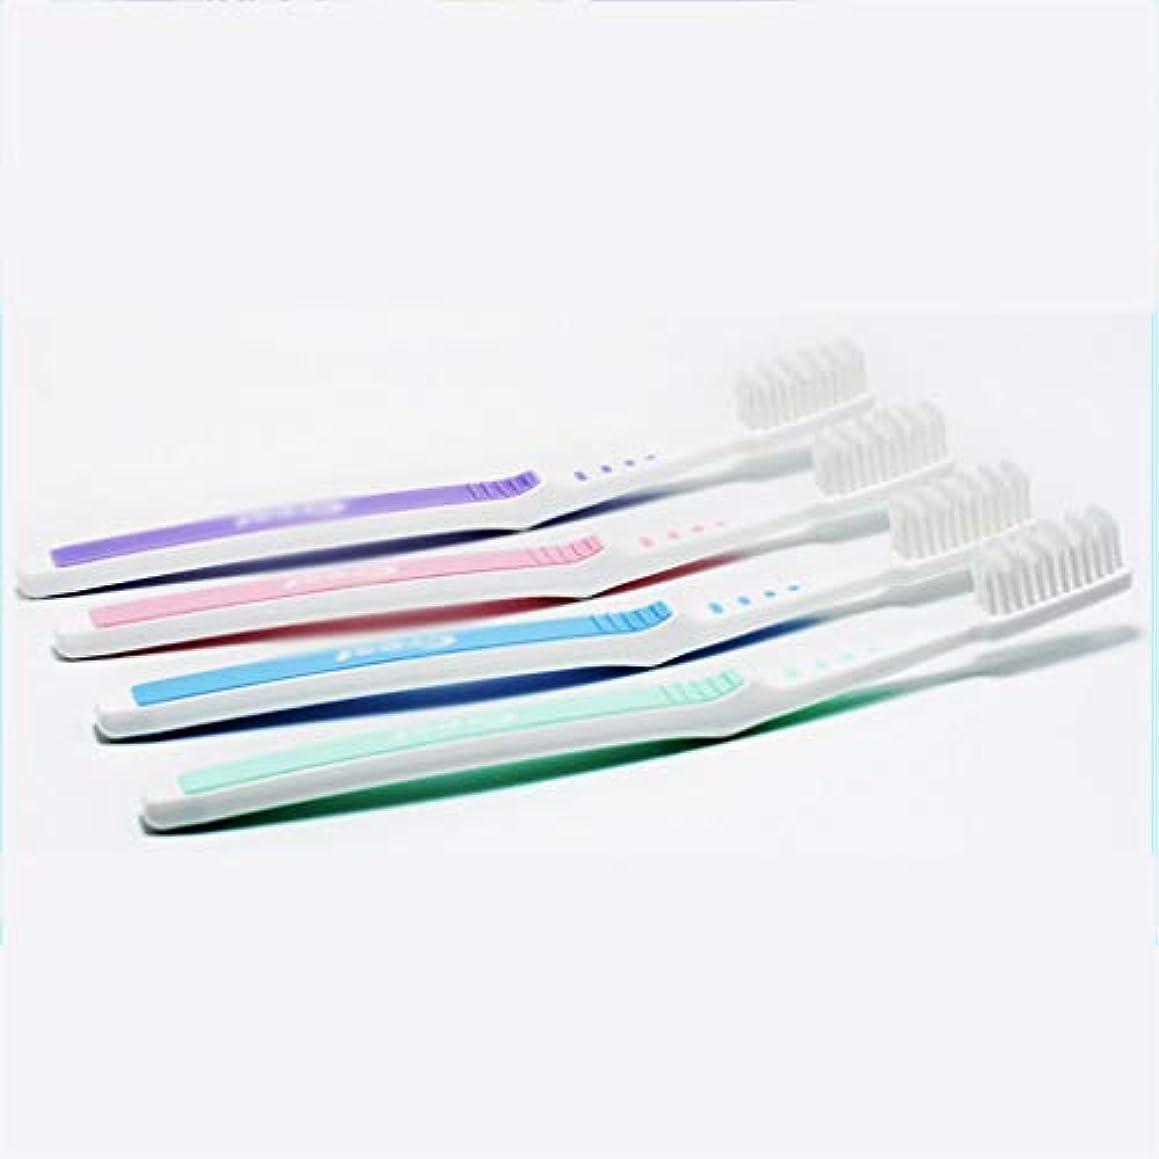 韻説教する酸度手動歯ブラシ、家庭用ヘアブラシ、6パック(ランダムカラー)